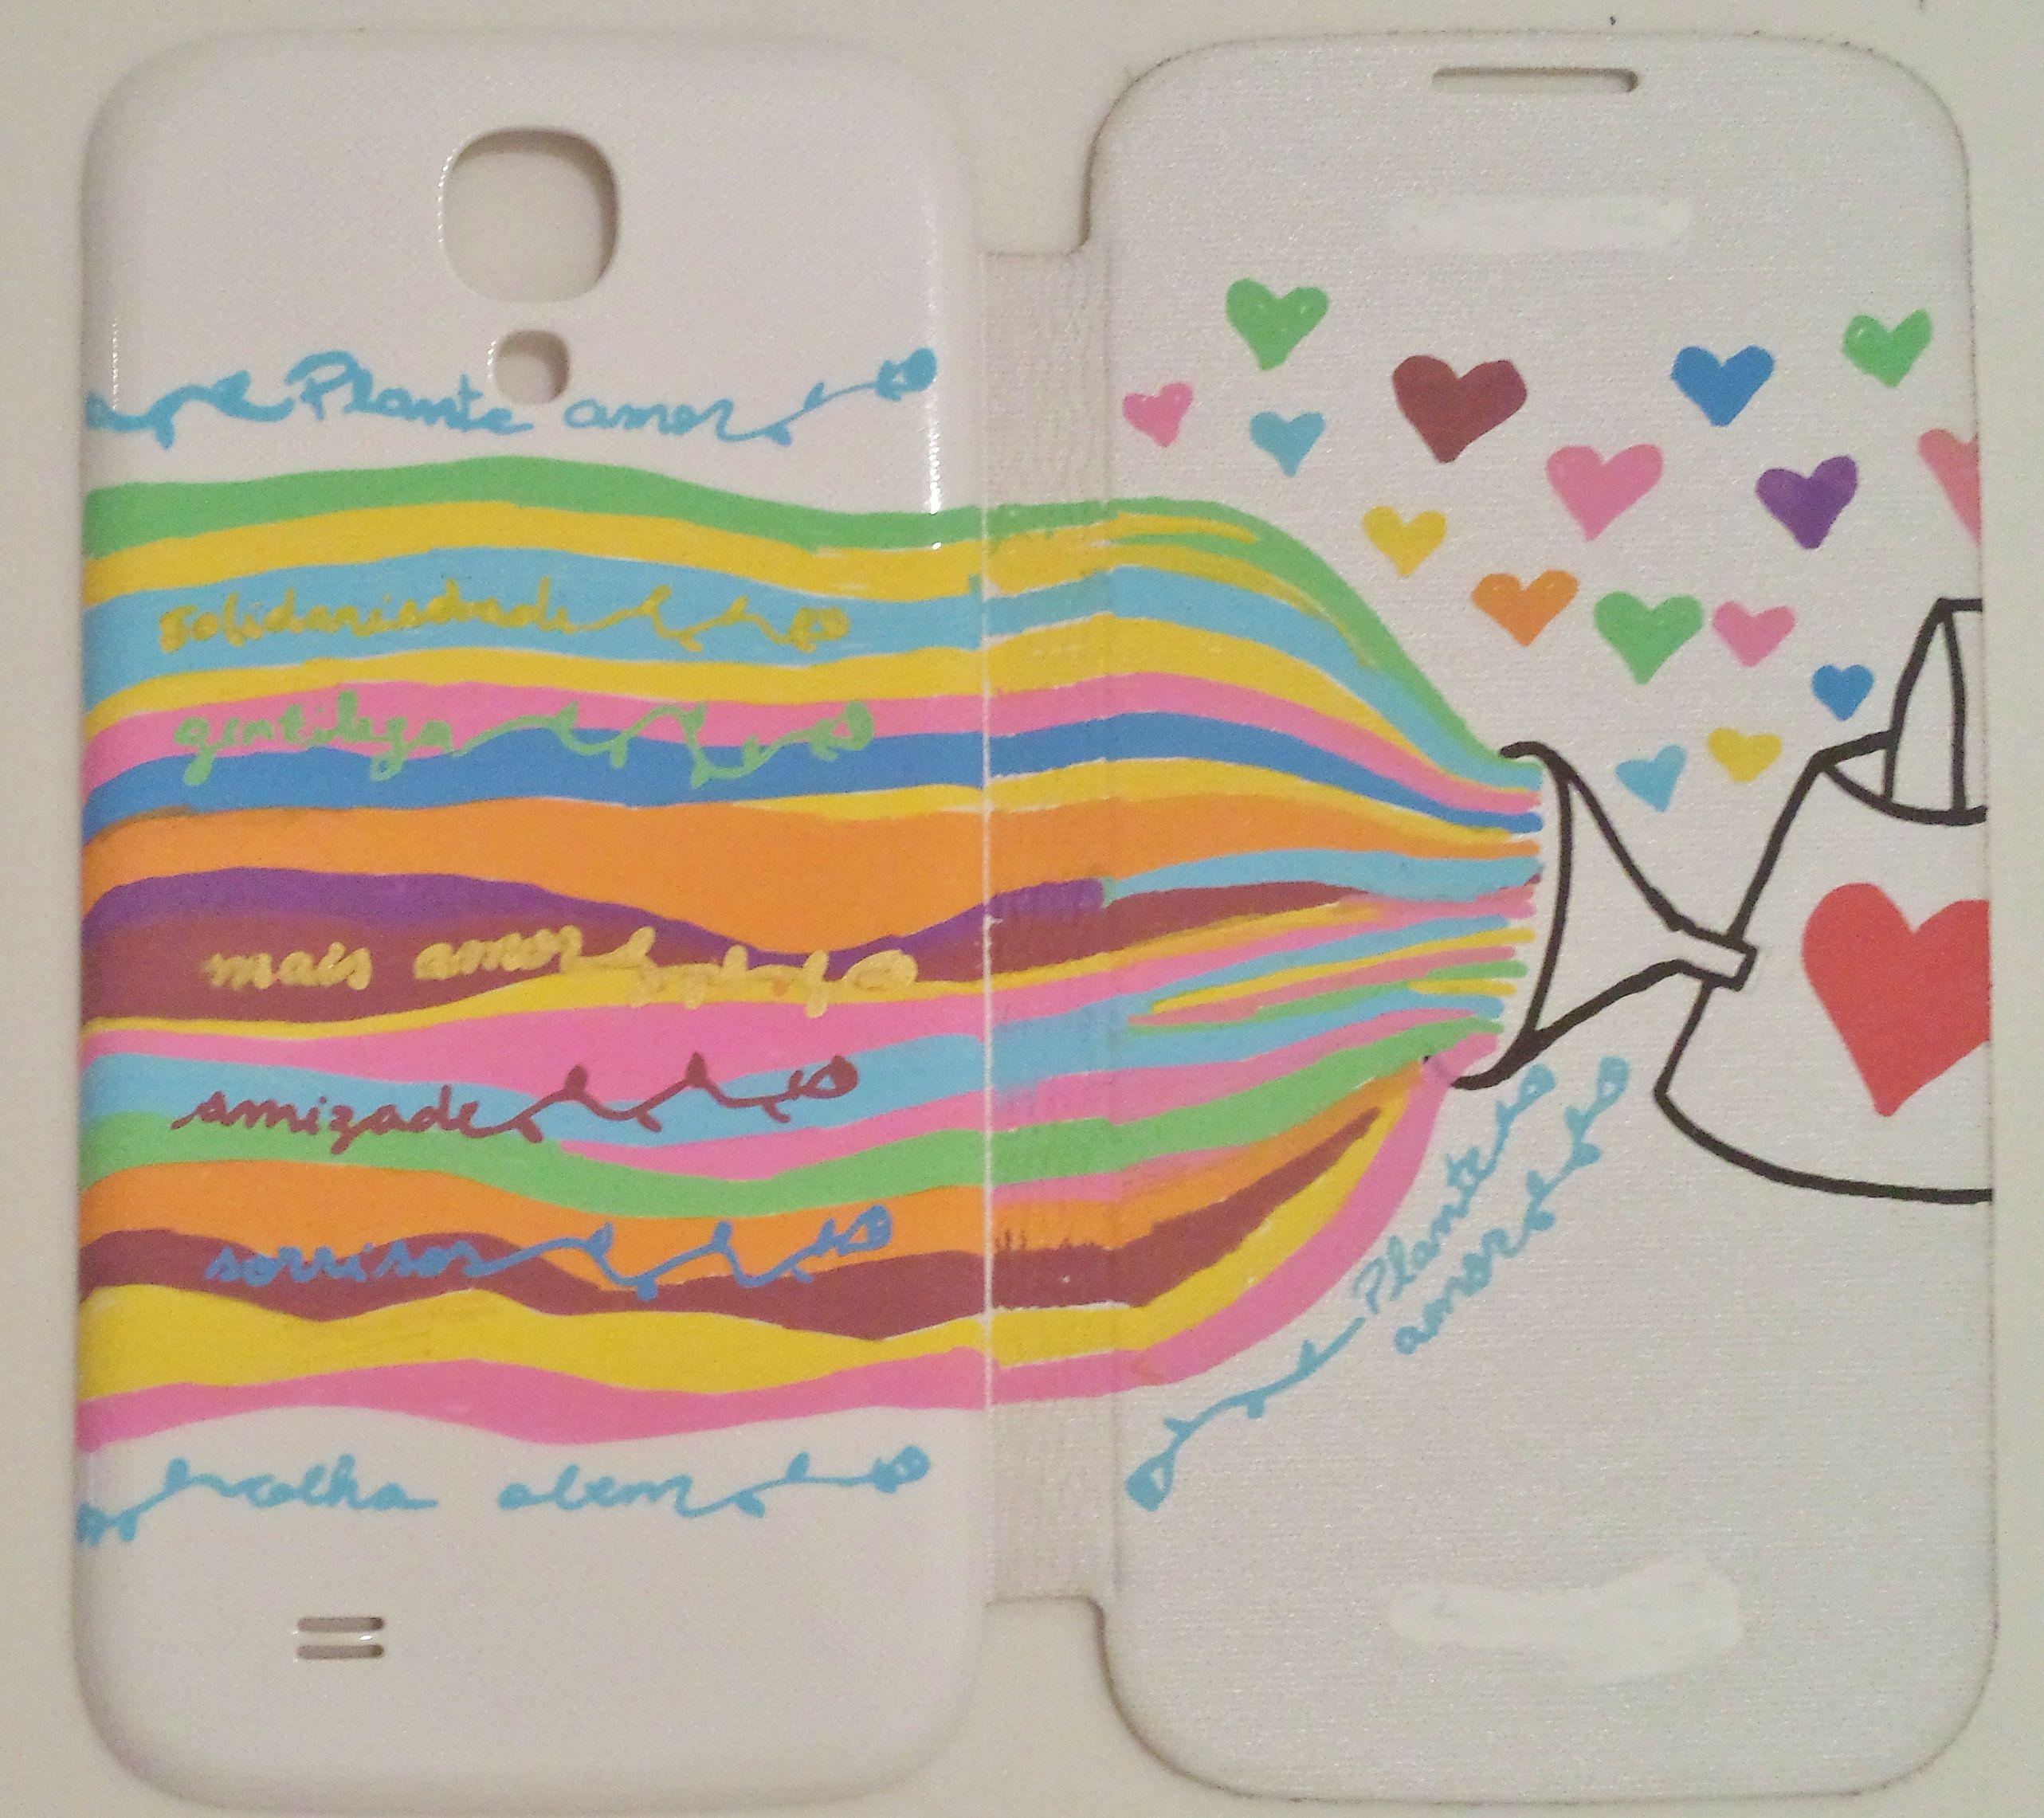 Capinha do celular :D Desenho com canetinhas posca!